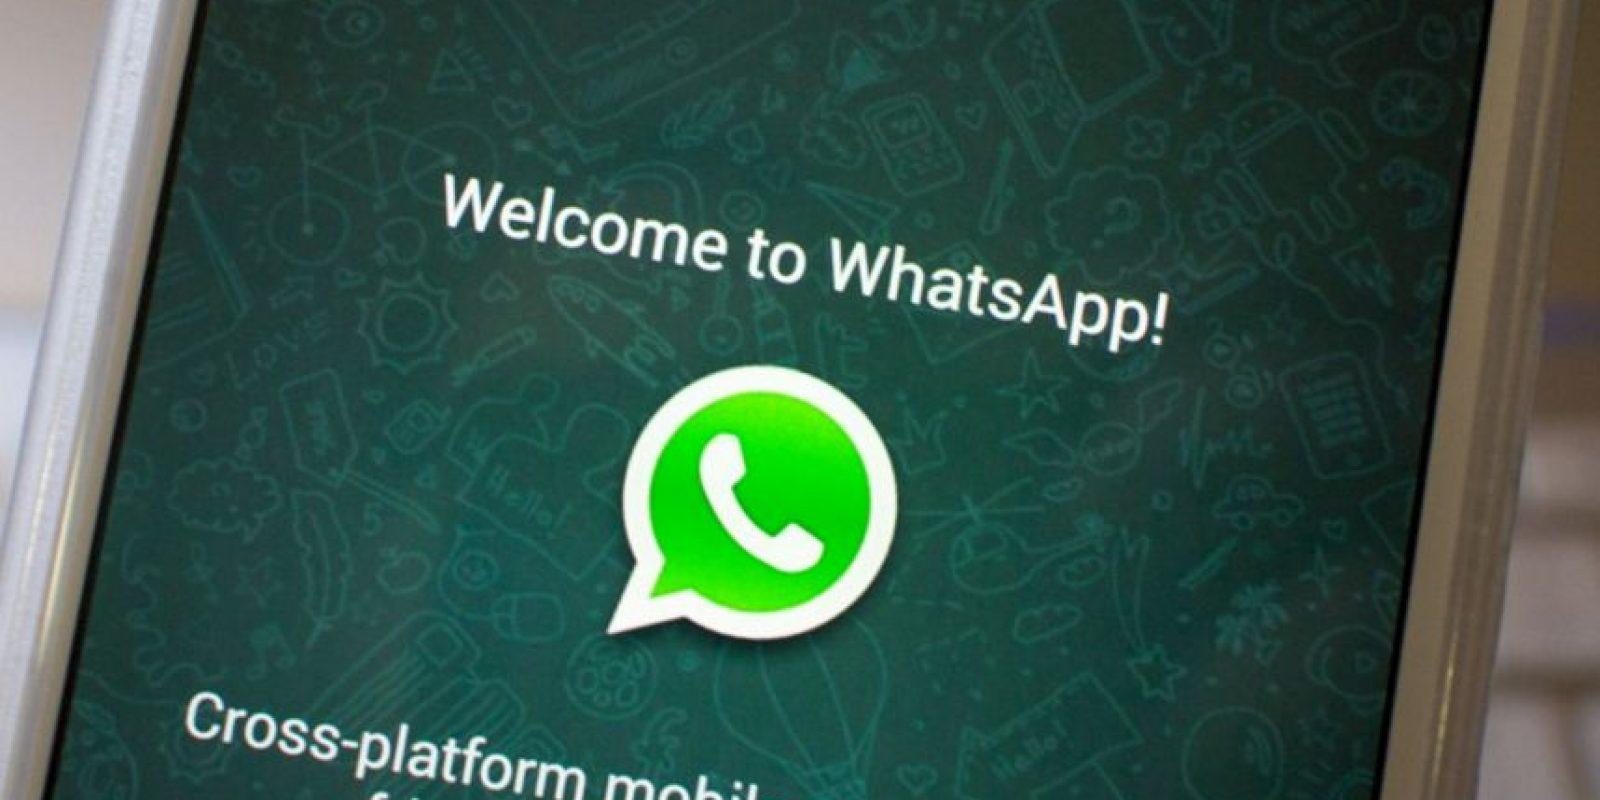 195 minutos, los que pasa en promedio un usuario en la aplicación semanalmente. Foto:Vía Tumblr.com